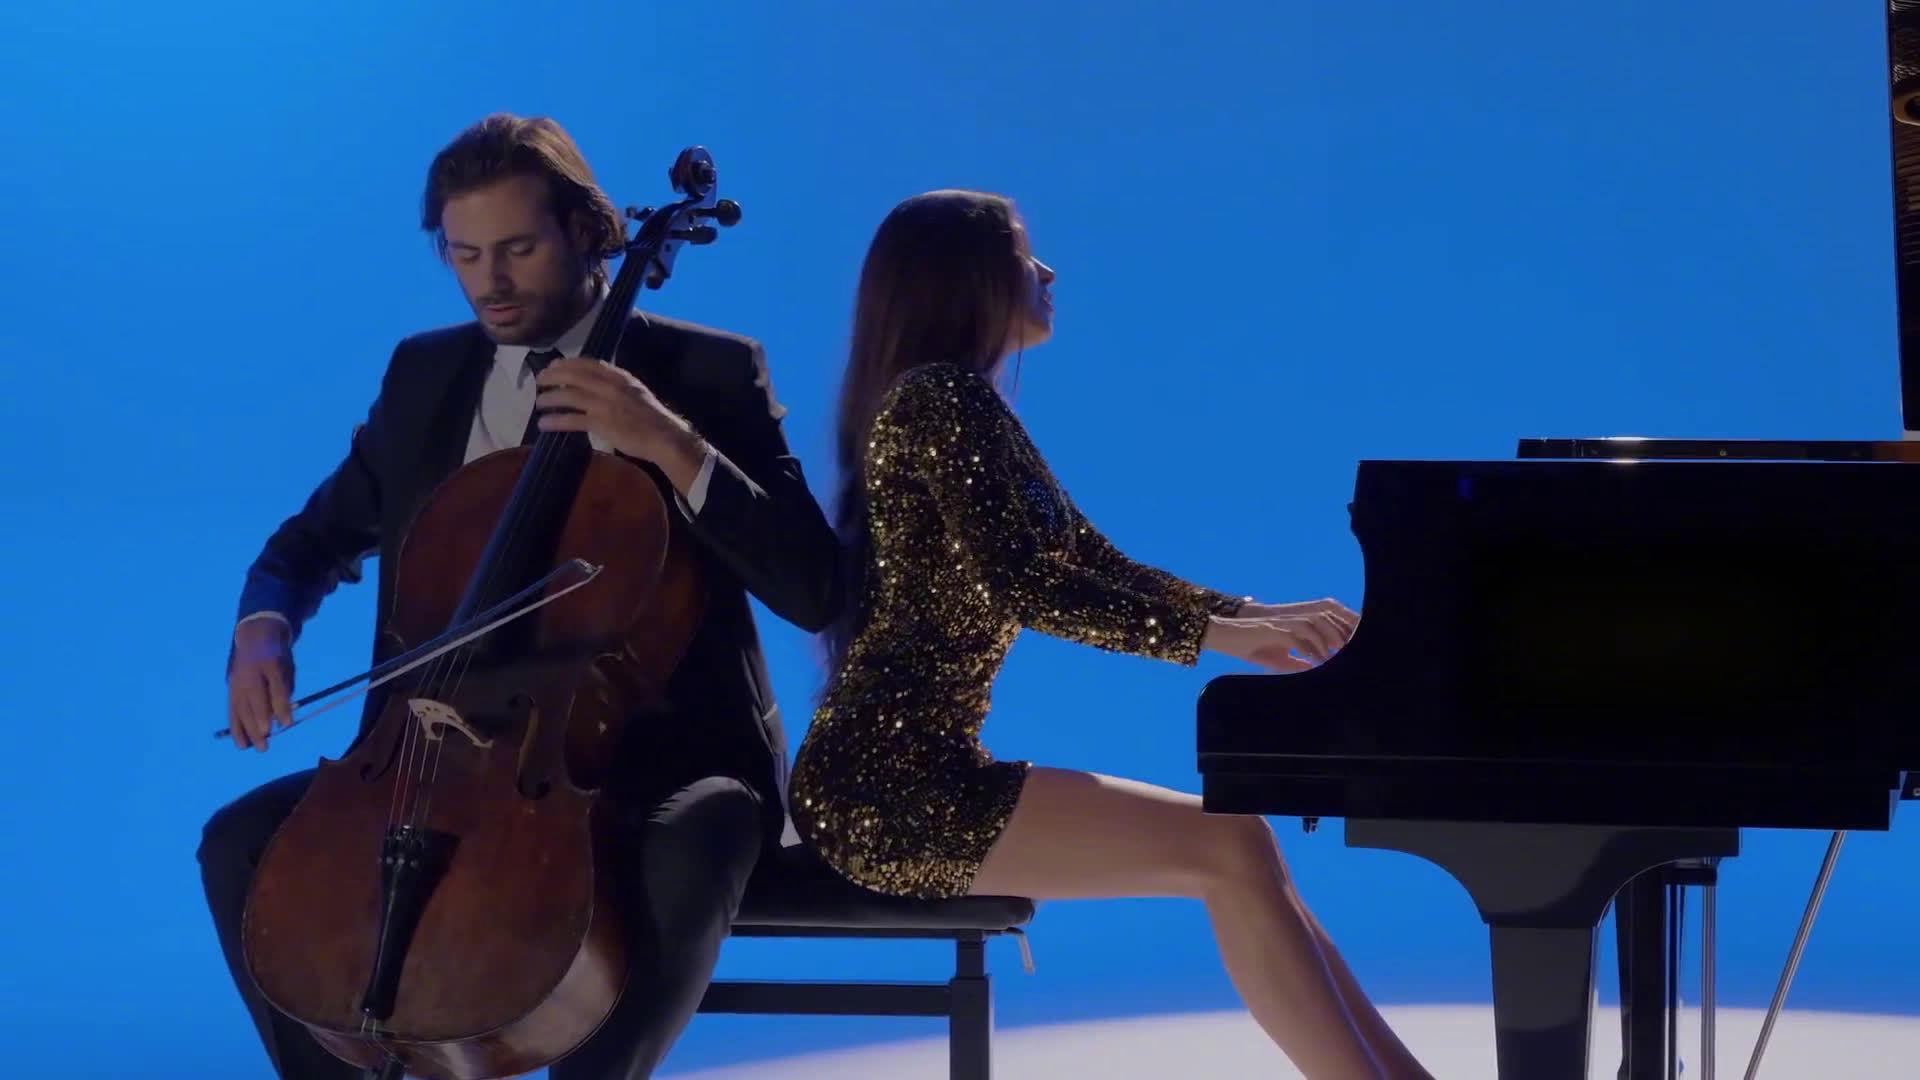 钢琴与大提琴二重奏:贝多芬钢琴小品《致爱丽丝 》 《致爱丽丝》